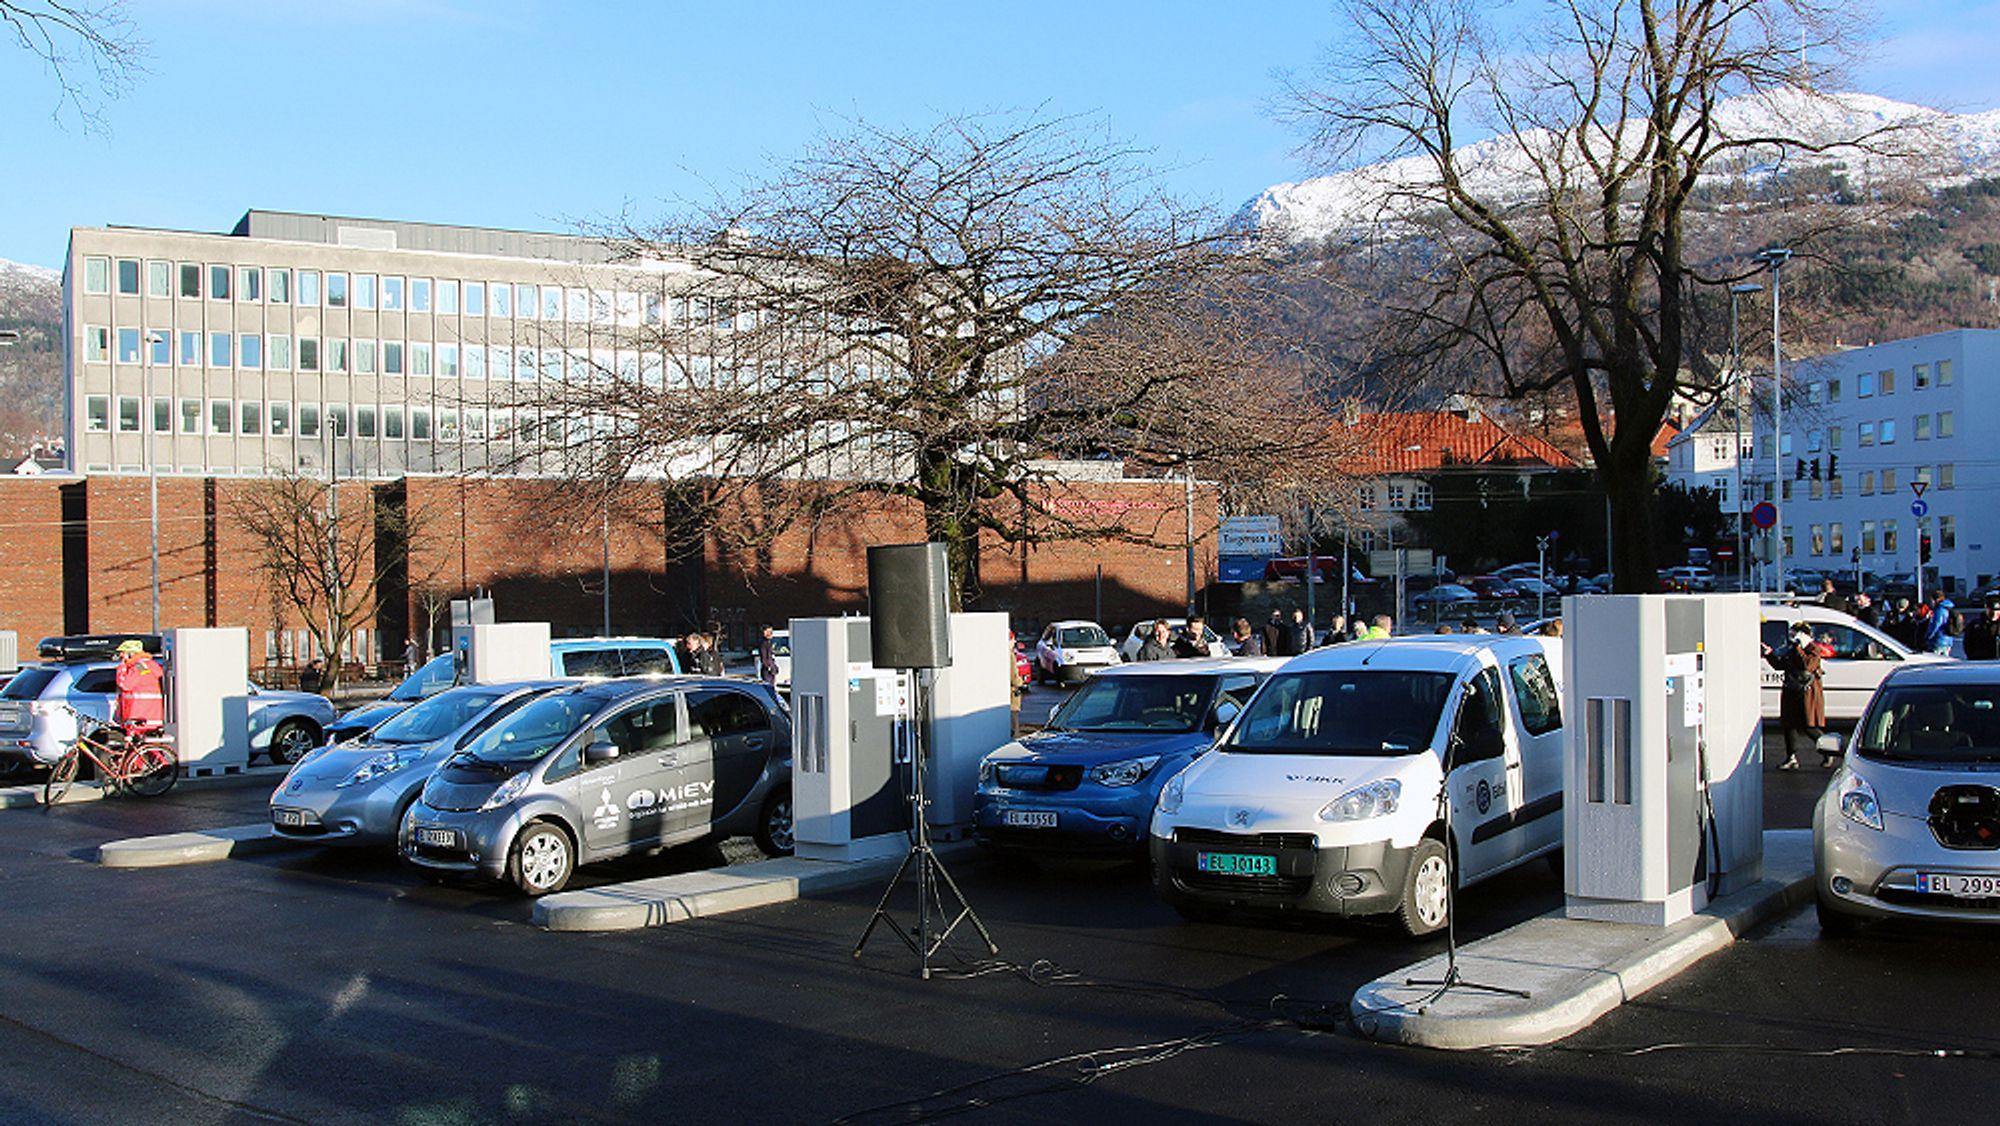 Bergen er kåret til Norges elbilhovedstad 2018. Bildet viser BKKs hurtigladestasjon på Danmarks plass.